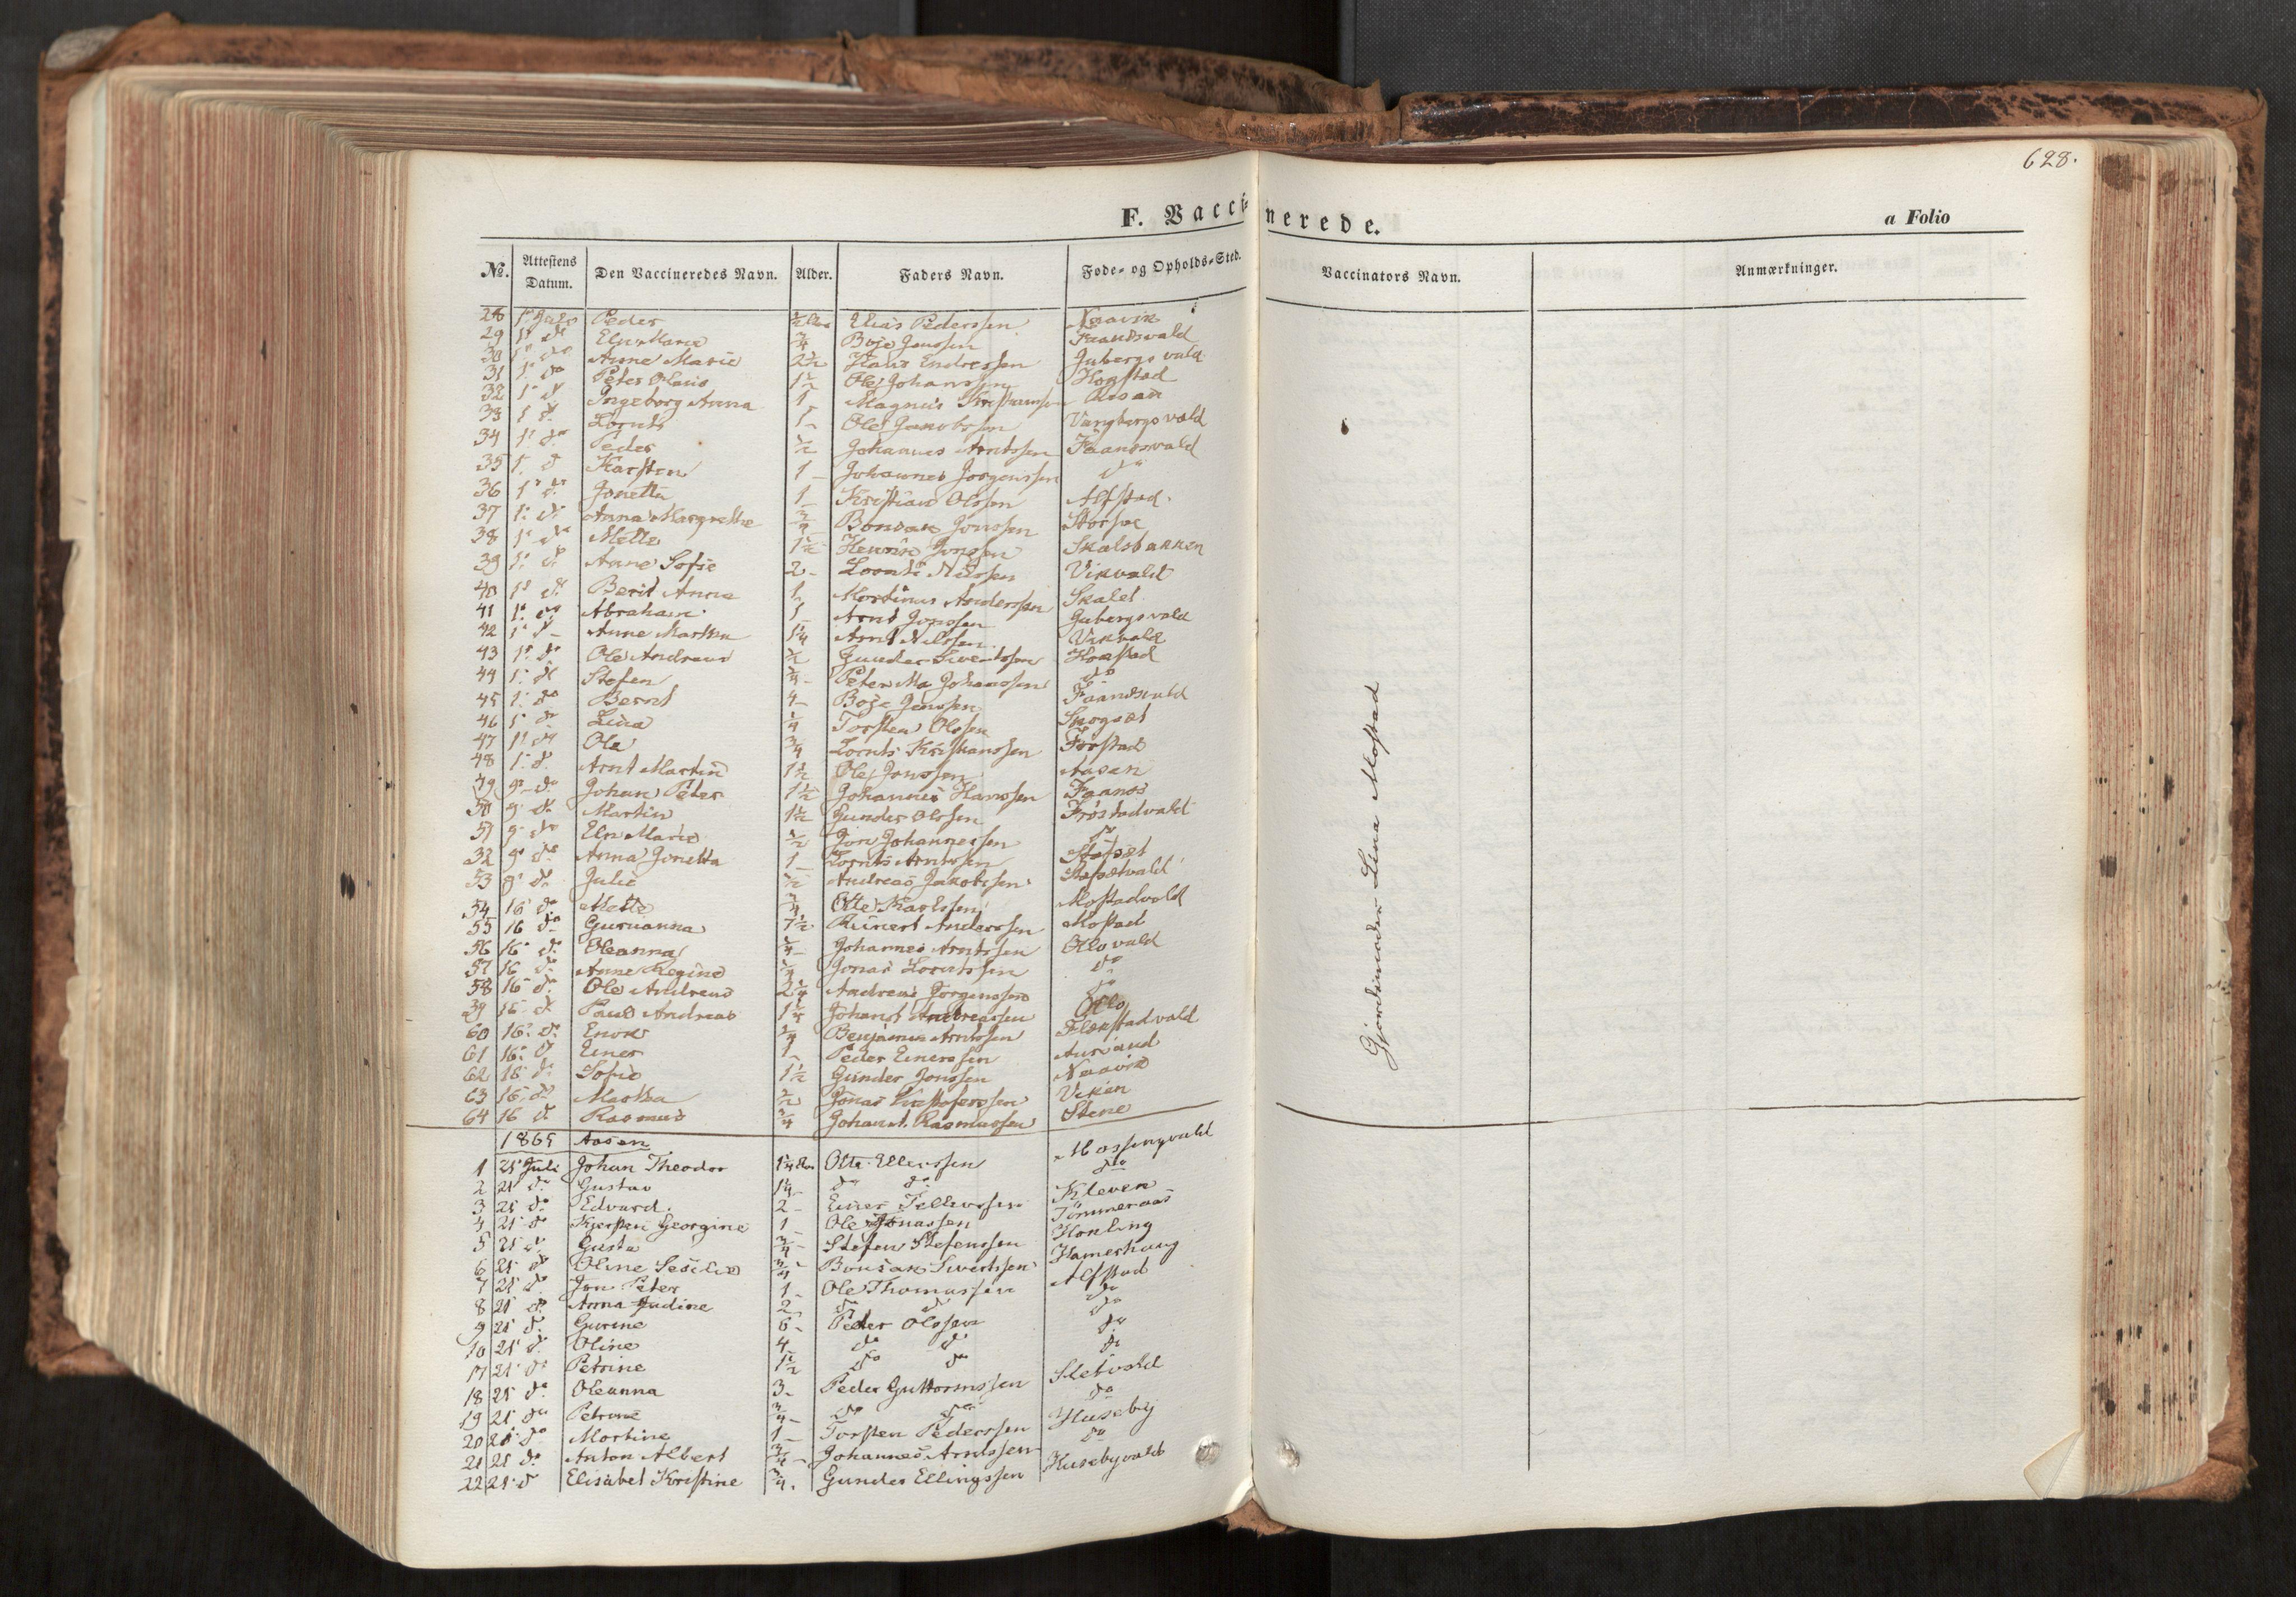 SAT, Ministerialprotokoller, klokkerbøker og fødselsregistre - Nord-Trøndelag, 713/L0116: Ministerialbok nr. 713A07, 1850-1877, s. 628